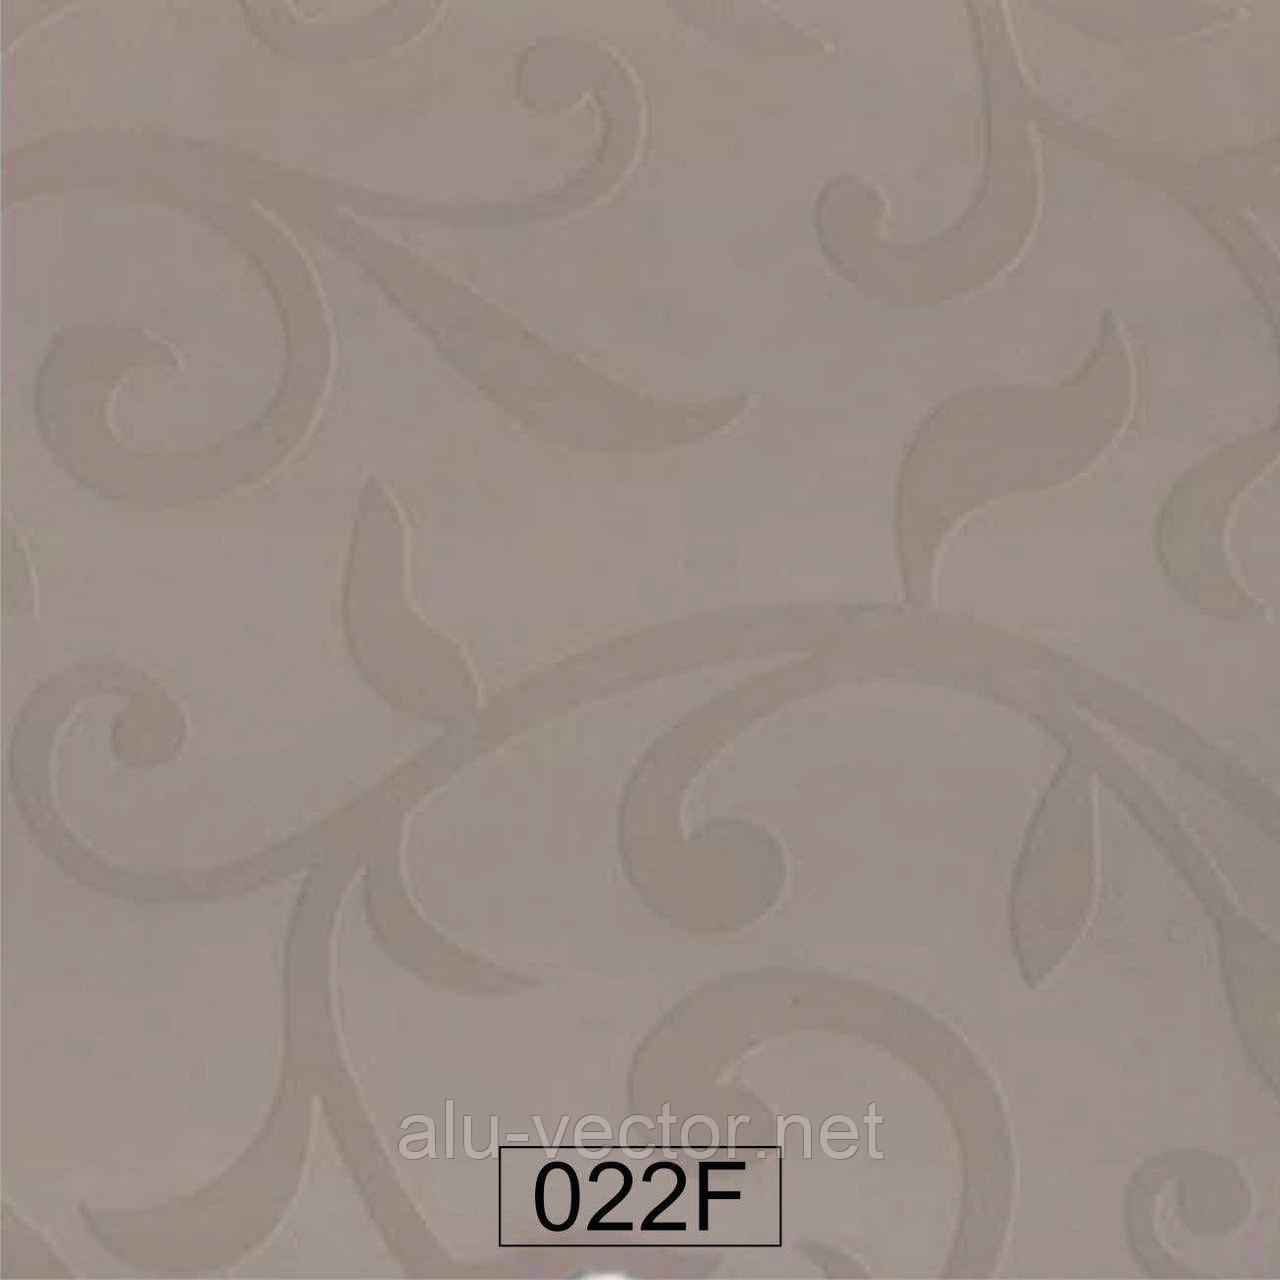 Пластик 022 F капучино полуматовый цветок